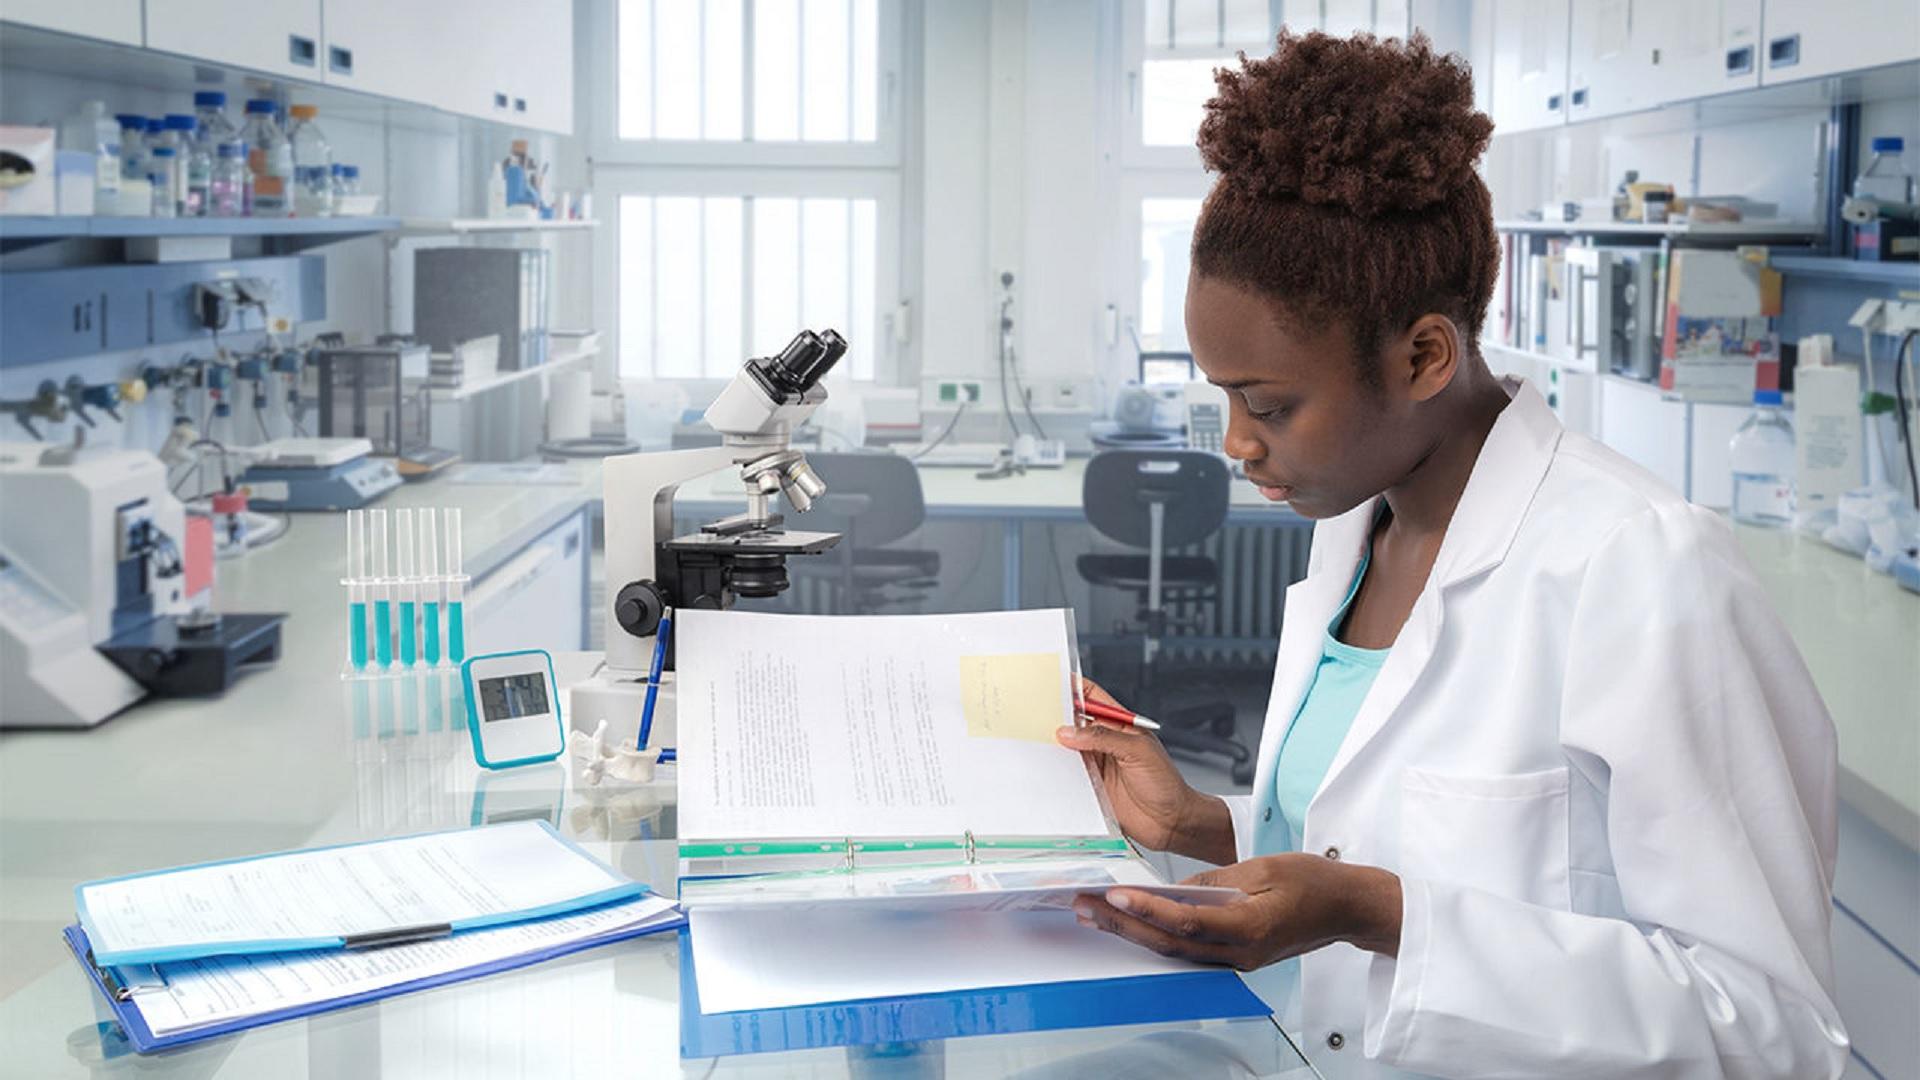 Υγειονομική περίθαλψη τεχνολογία: Πρωτοπόρο ερευνητικό εργαστήριο στην Ινδία